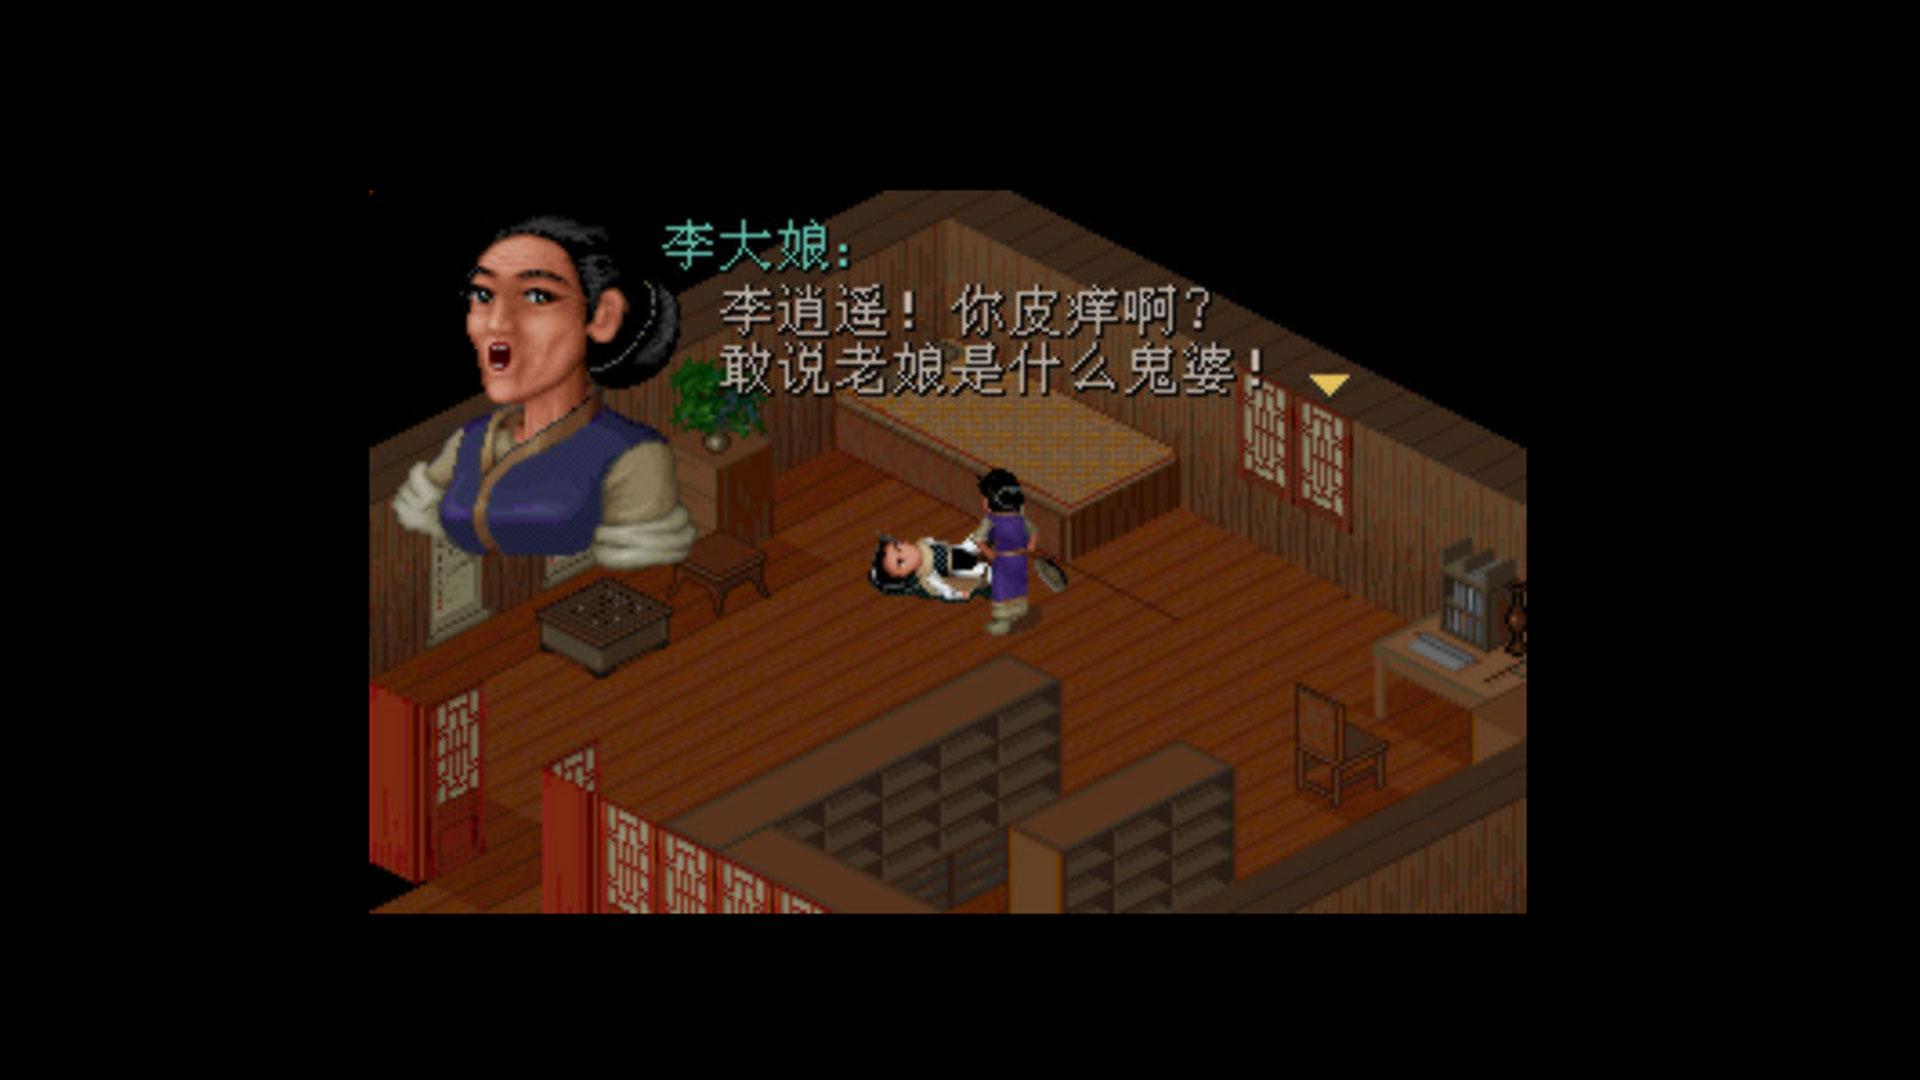 方块游戏喜加一 旷世奇作《仙剑奇侠传》DOS版免费领